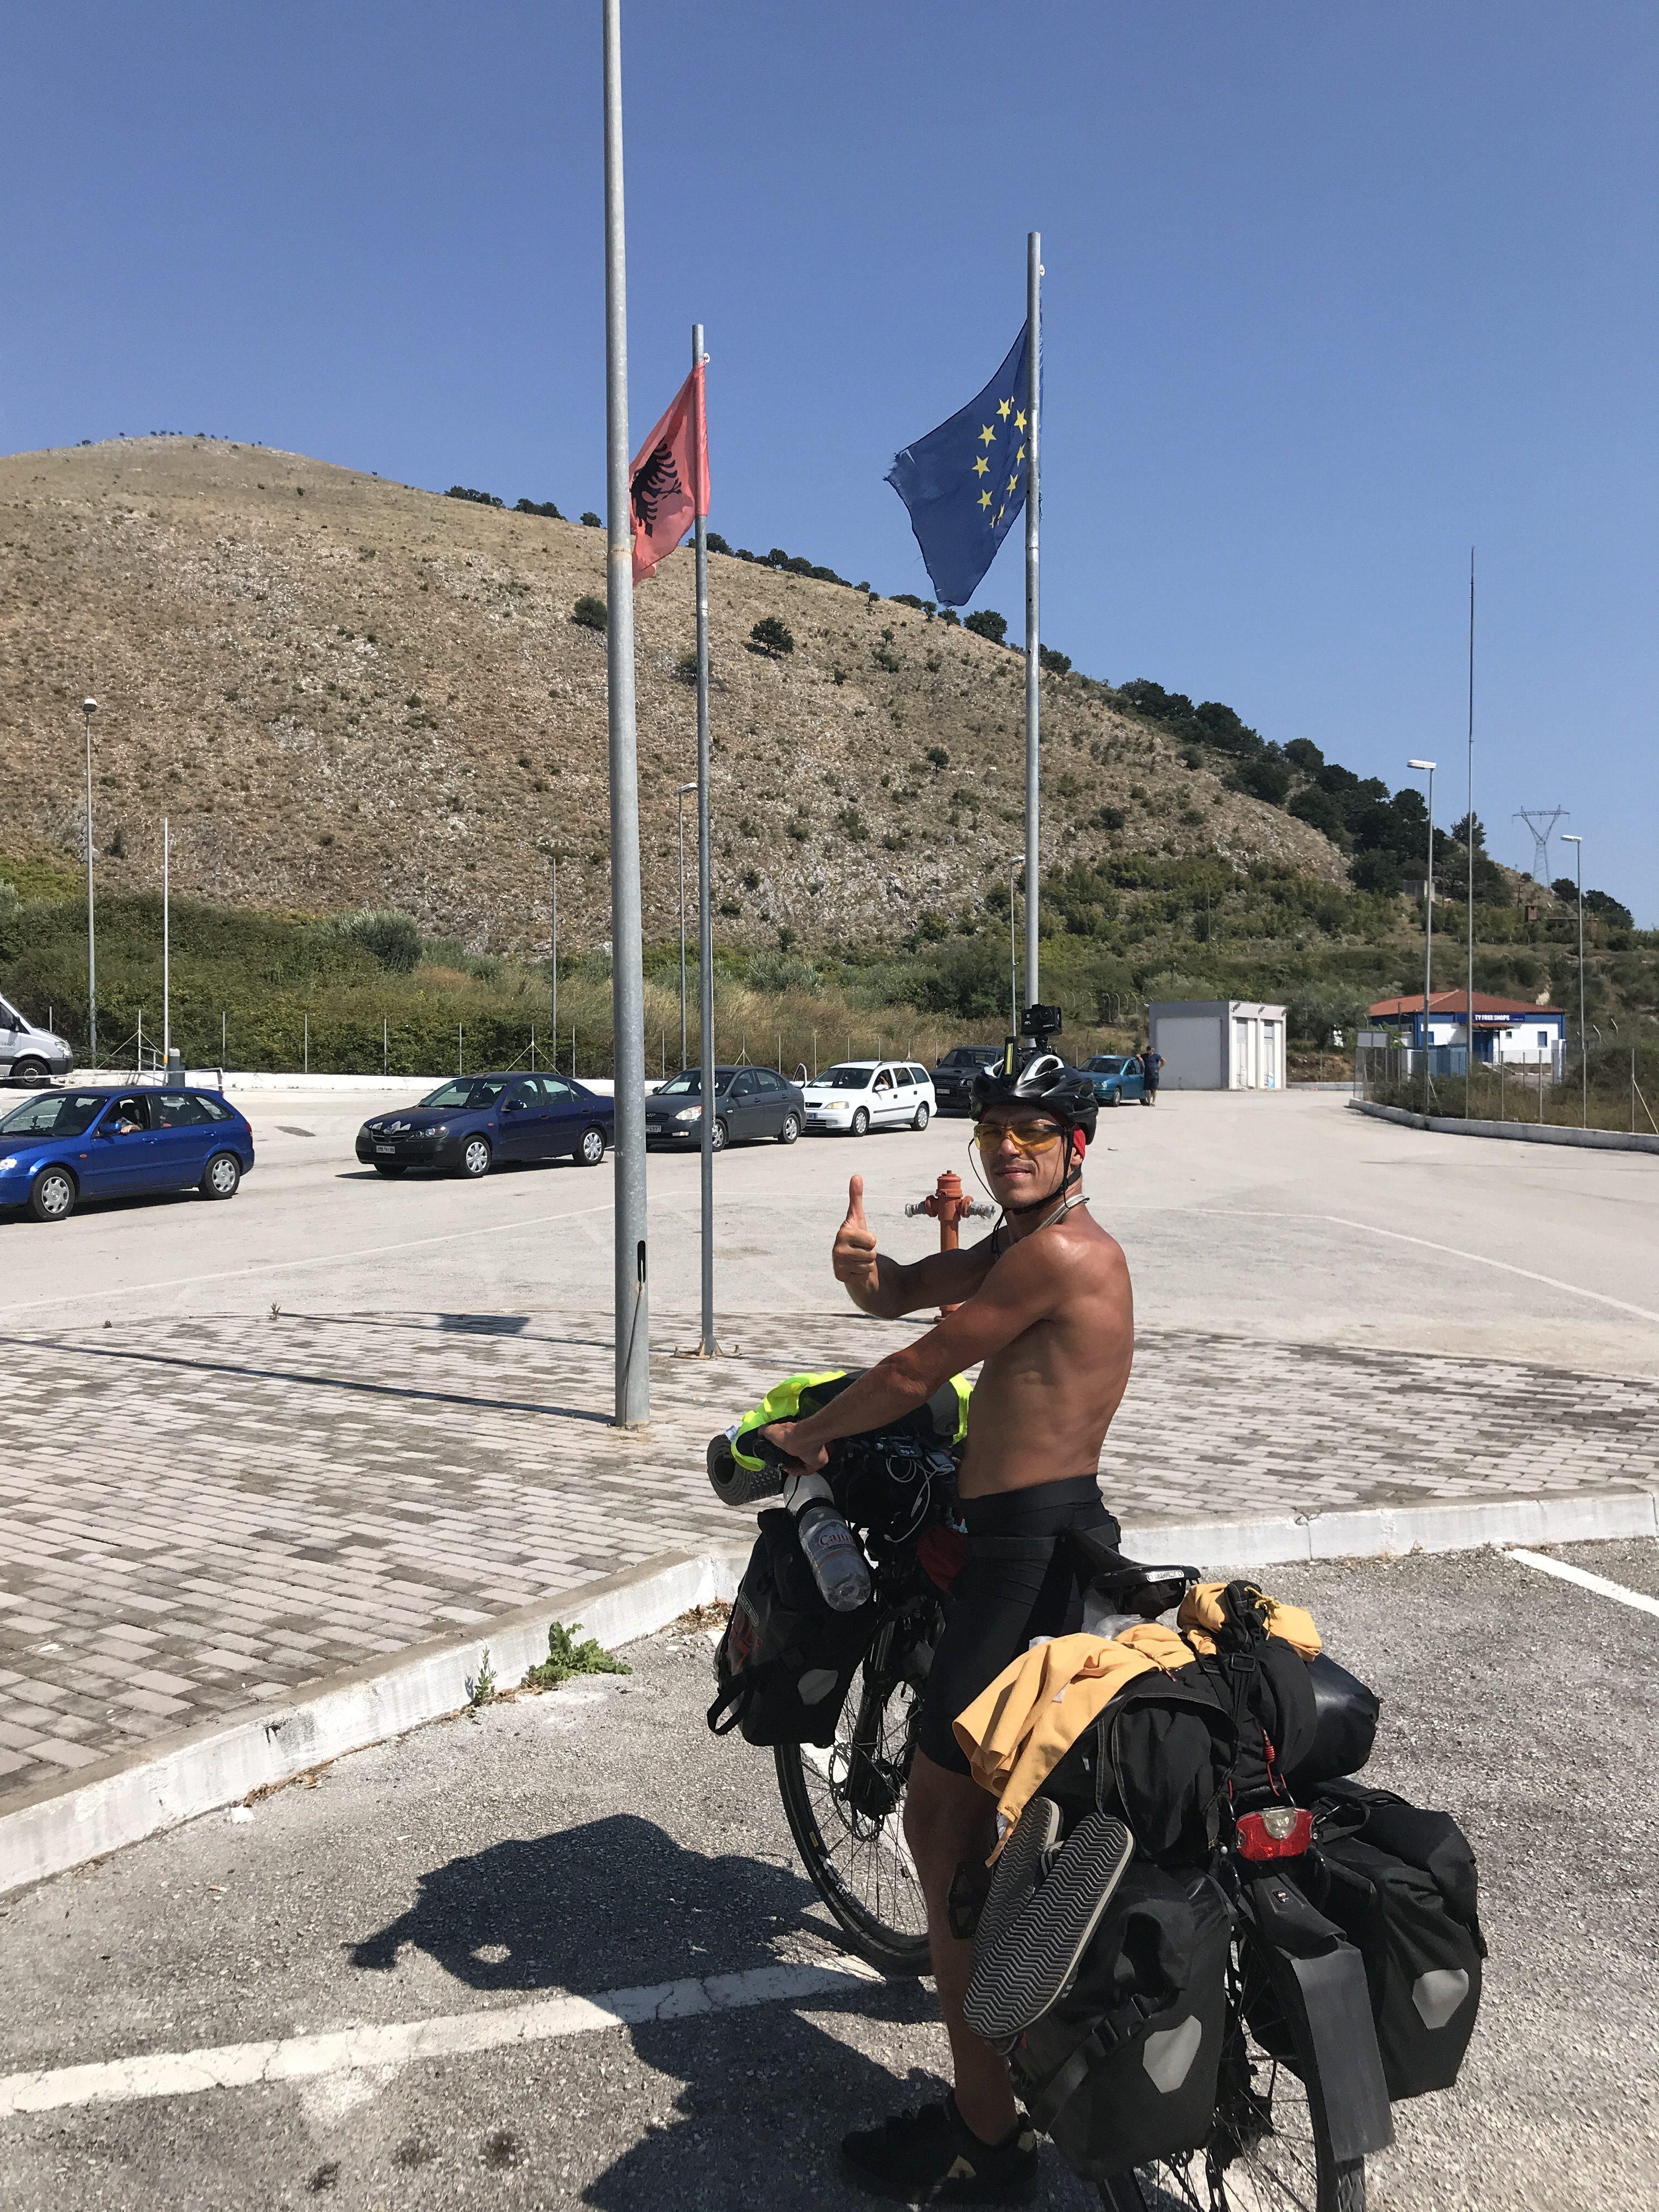 appena arrivato in Grecia dall'Albania, subito dopo la dogana